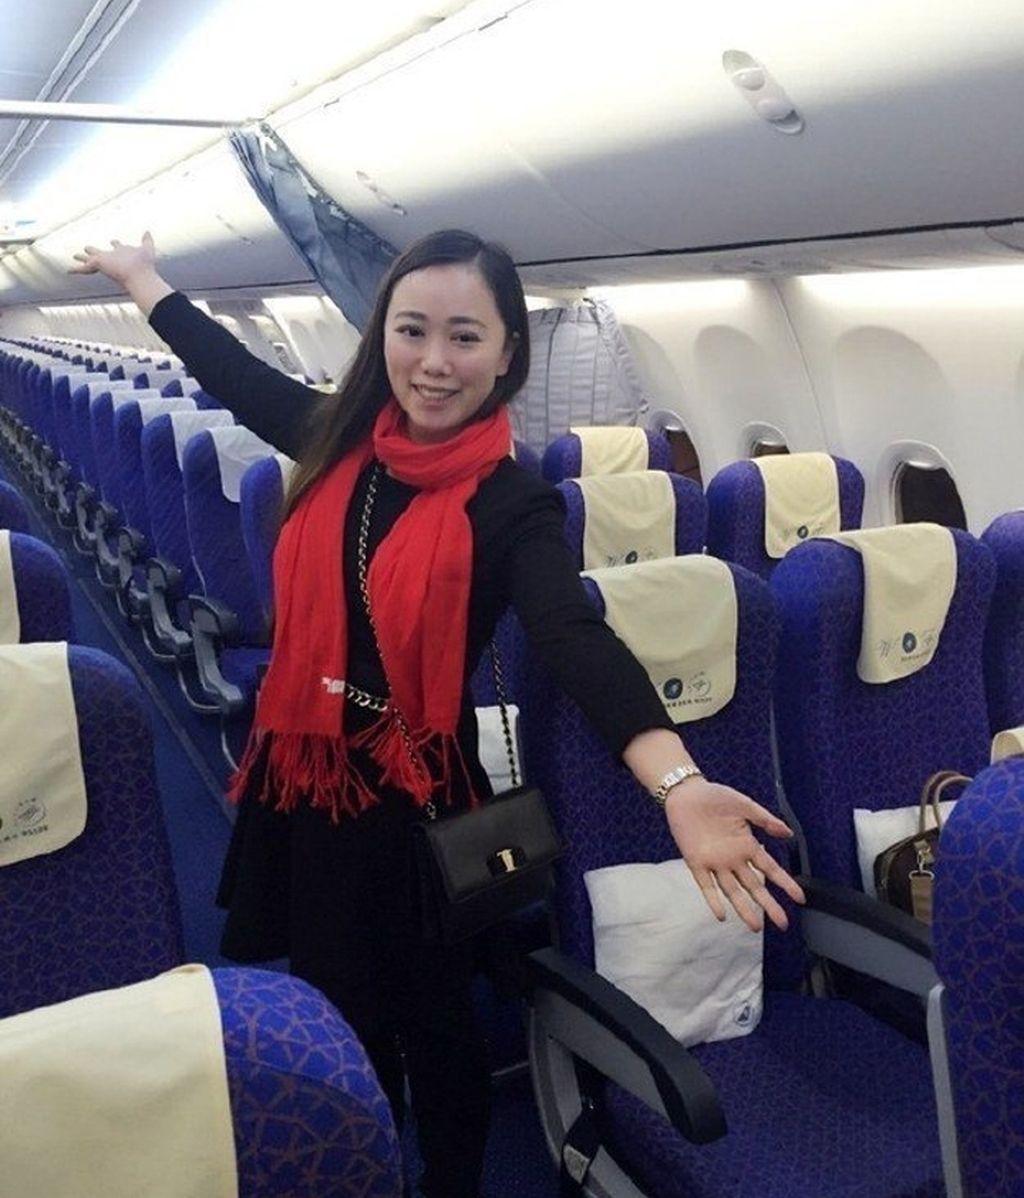 Viaja en un avión vacío